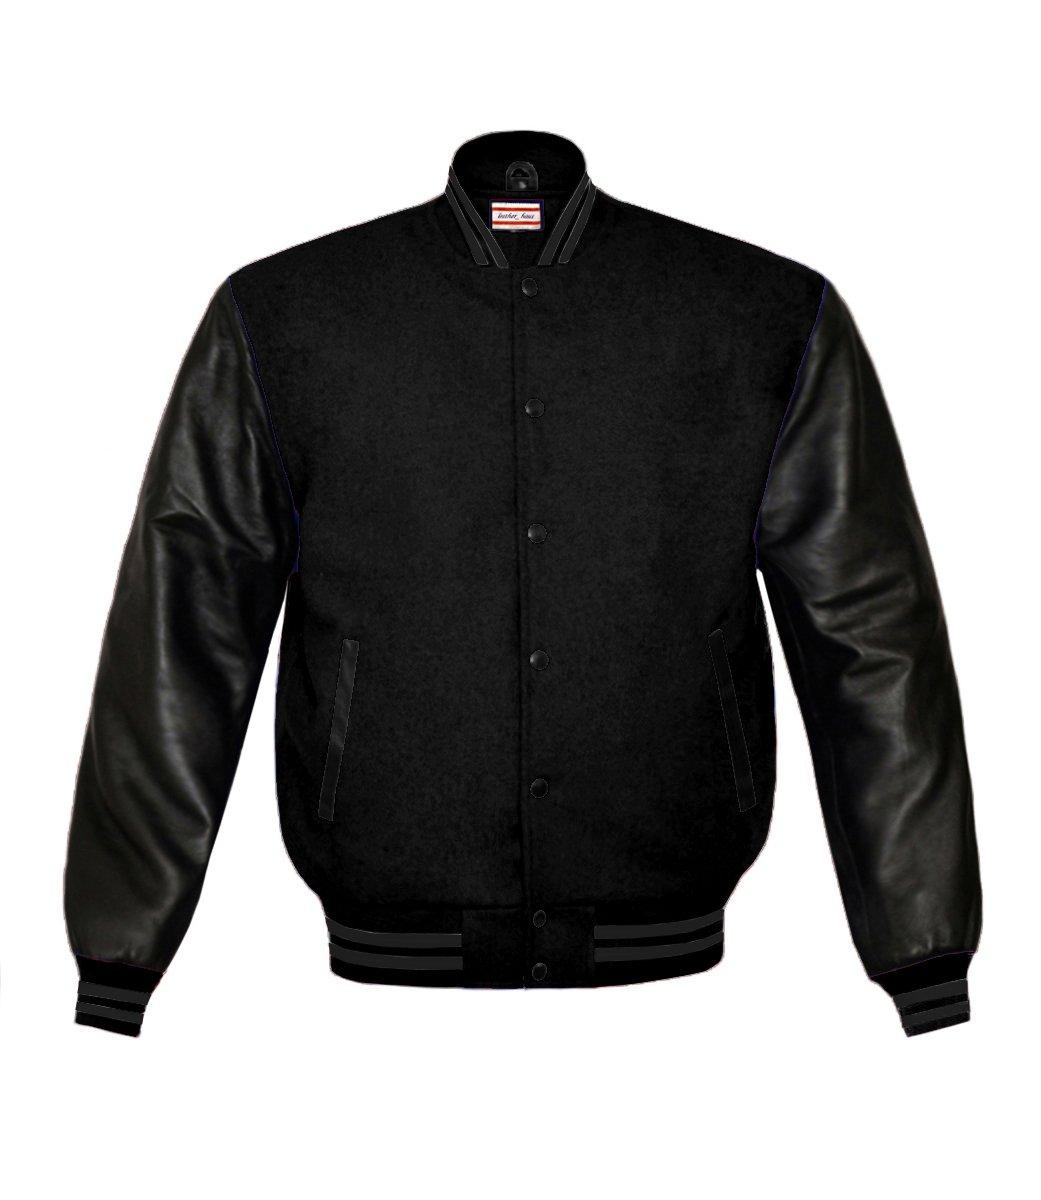 luvsecretlingerie Superb Genuine Leather Sleeve Letterman College Varsity Kid Wool Jackets